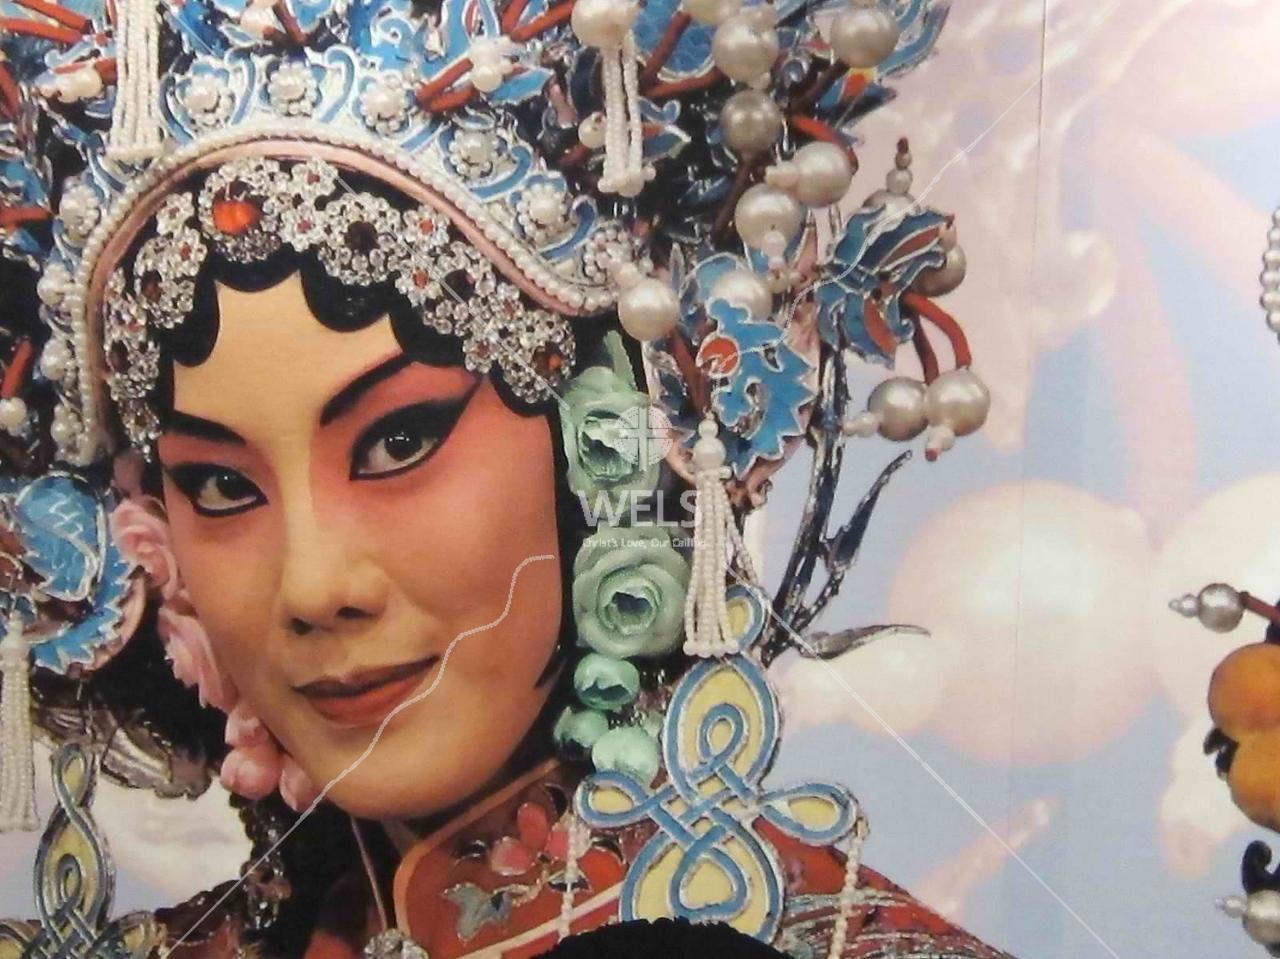 Traditional Chinese opera, Taichung, Taiwan by kstellick